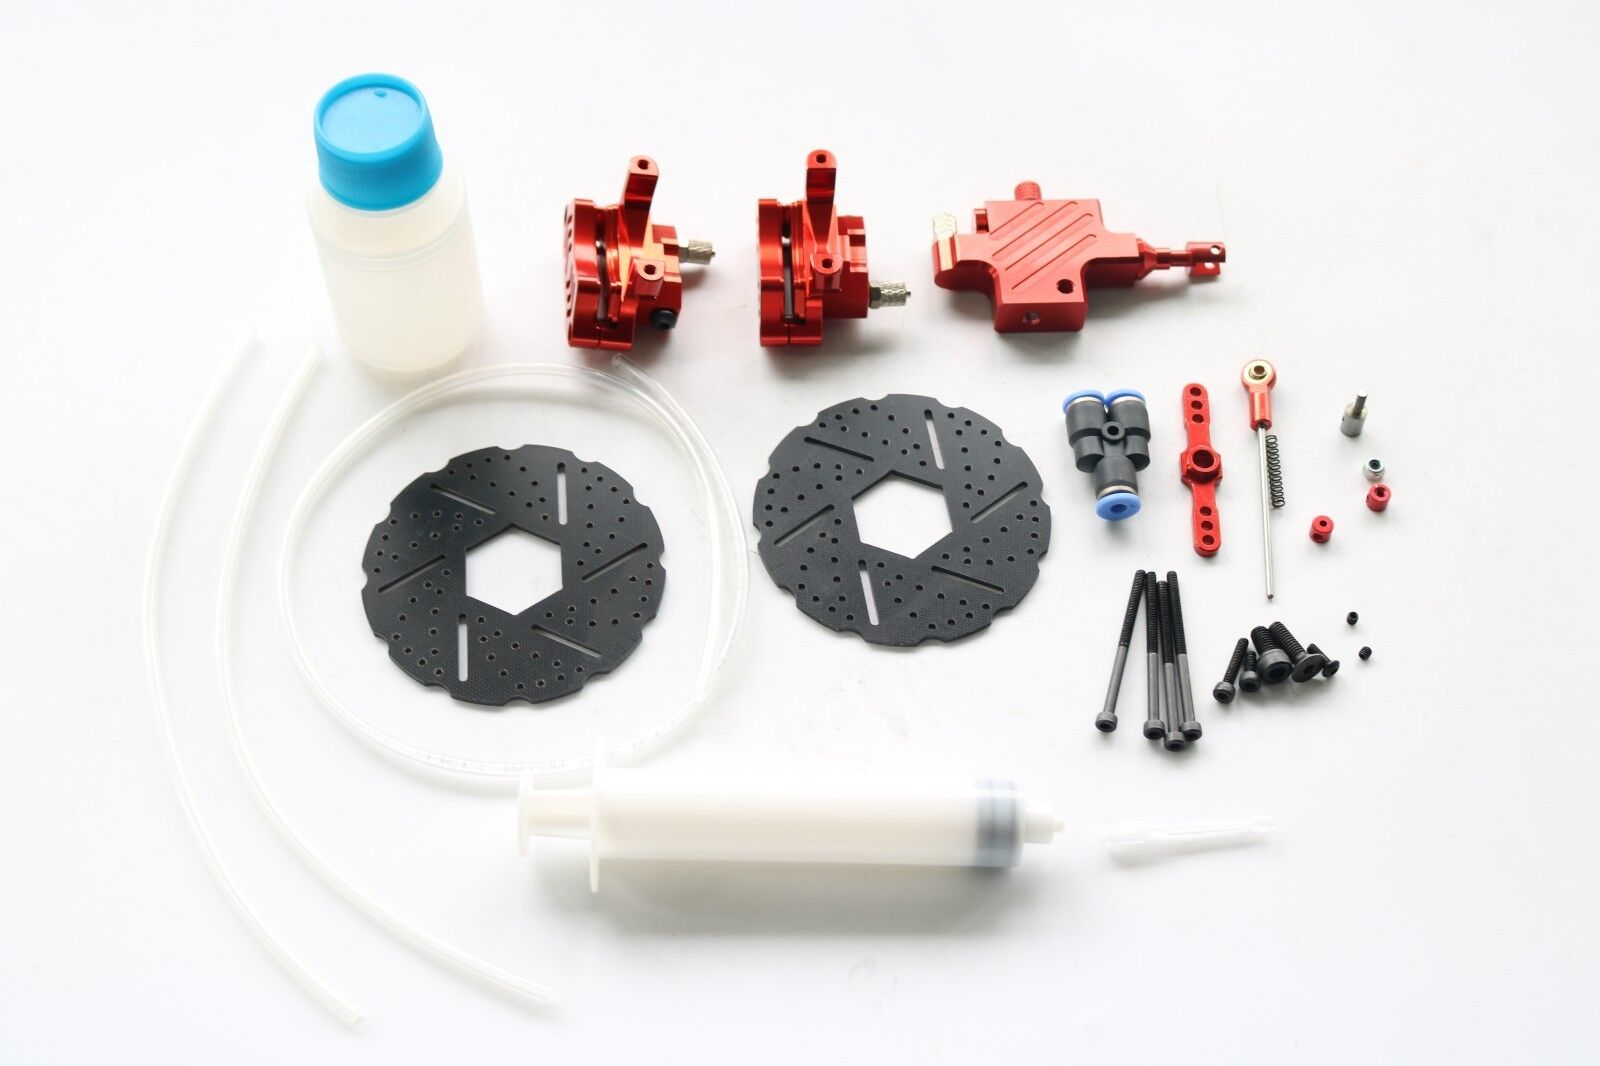 Nuevo sistema de freno hidráulico de rueda delantera Fit 1 5 Hpi Baja 5B ss 5 T Rovan